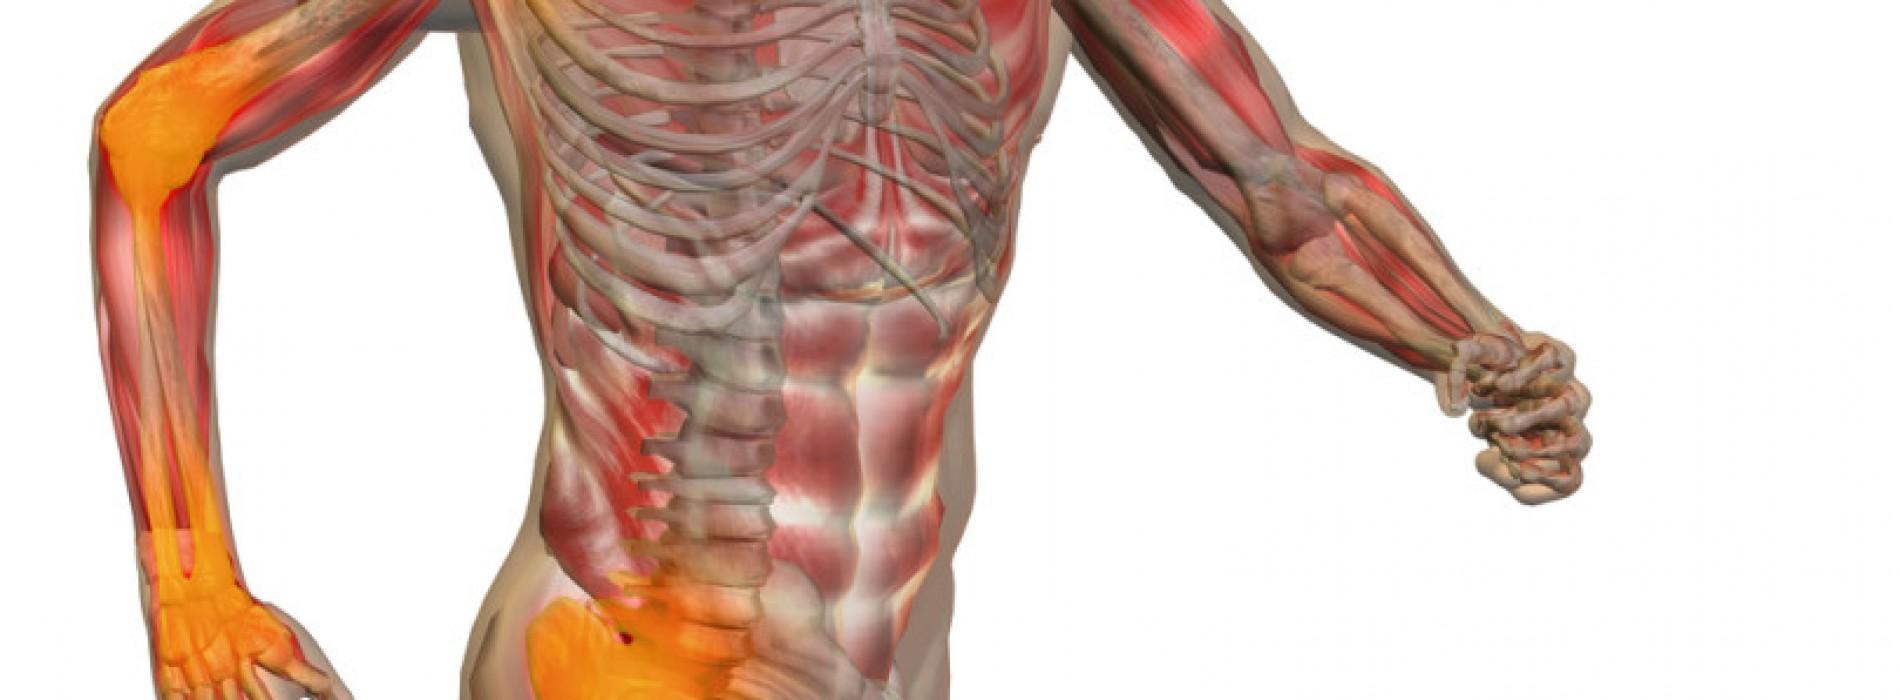 Heb je veel lopen klussen of wezen sporten en nu last van spierpijn? Verlicht je spierpijn door dit!